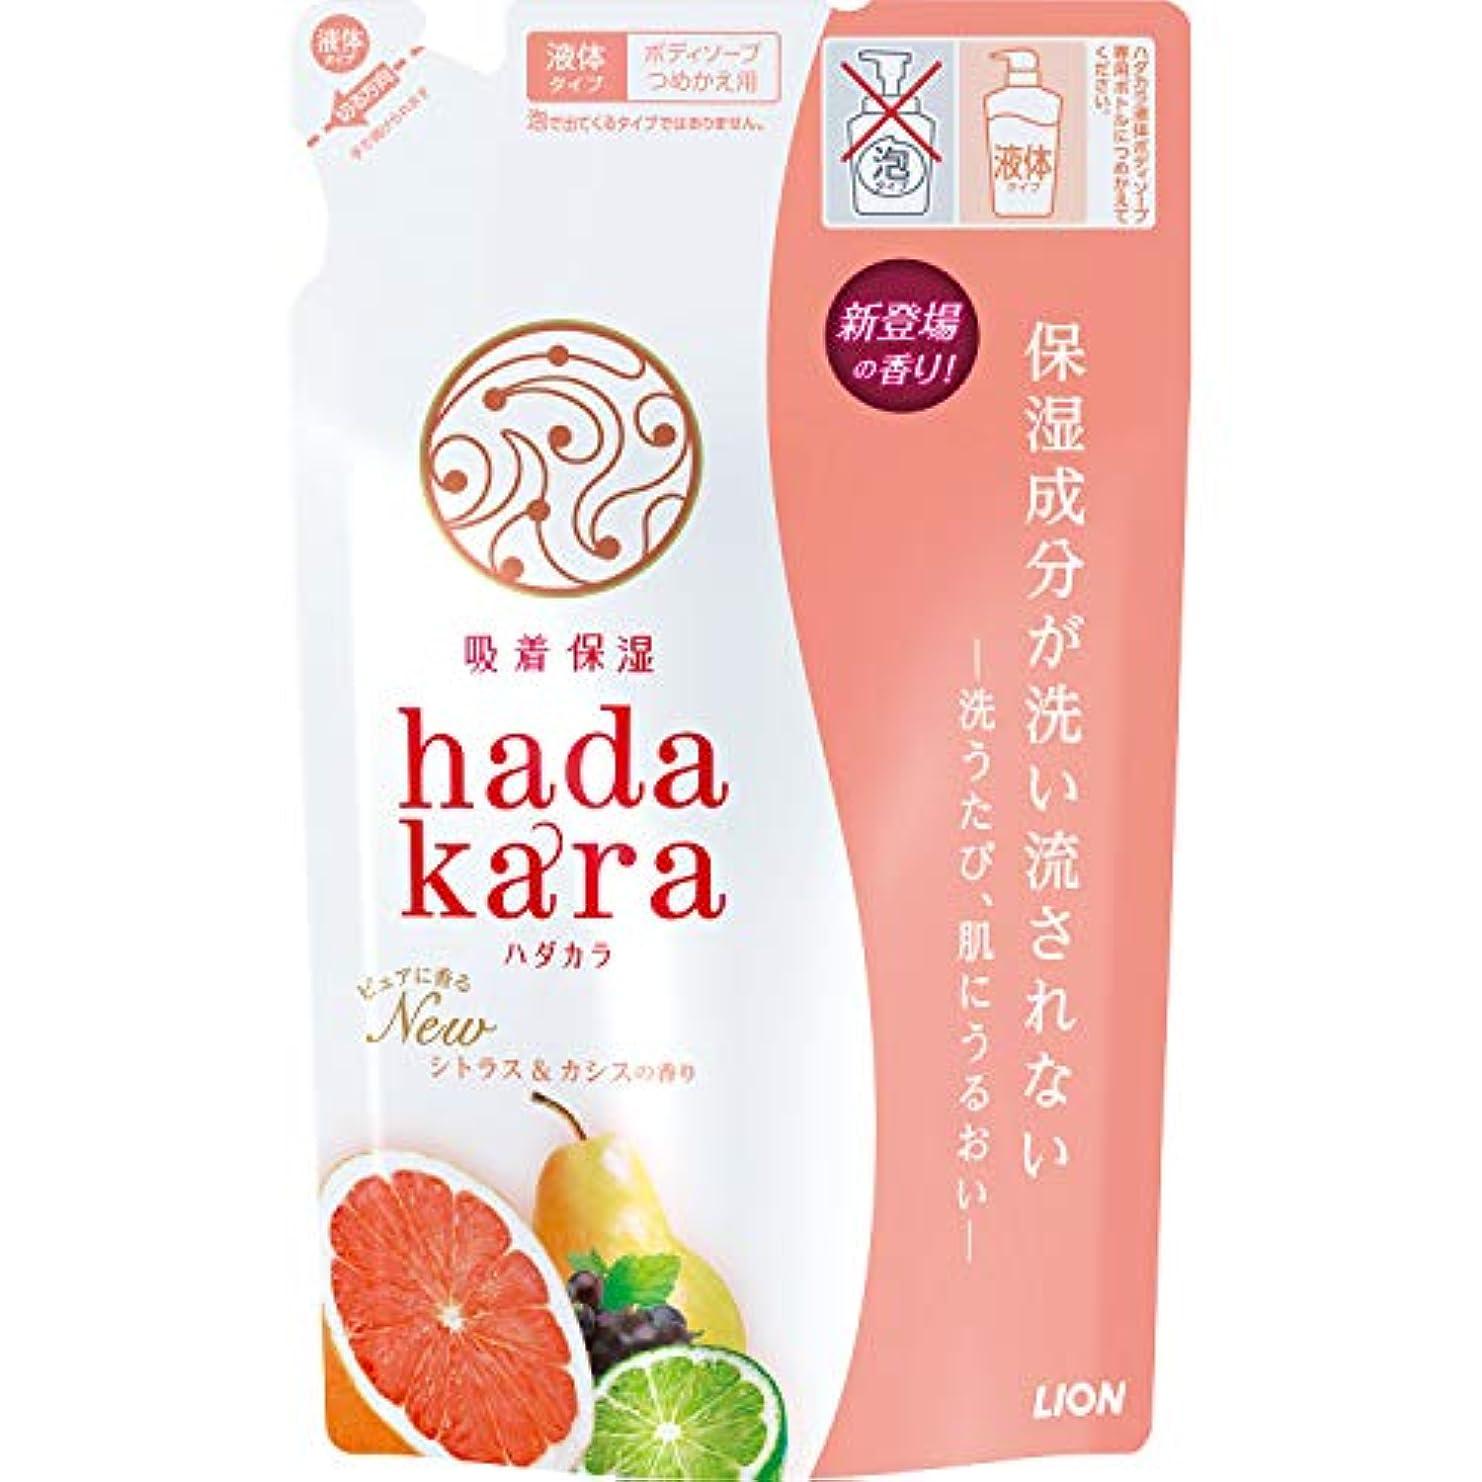 はっきりしない予約口ひげhadakara(ハダカラ) ボディソープ シトラス&カシスの香り つめかえ 360ml 詰替え用